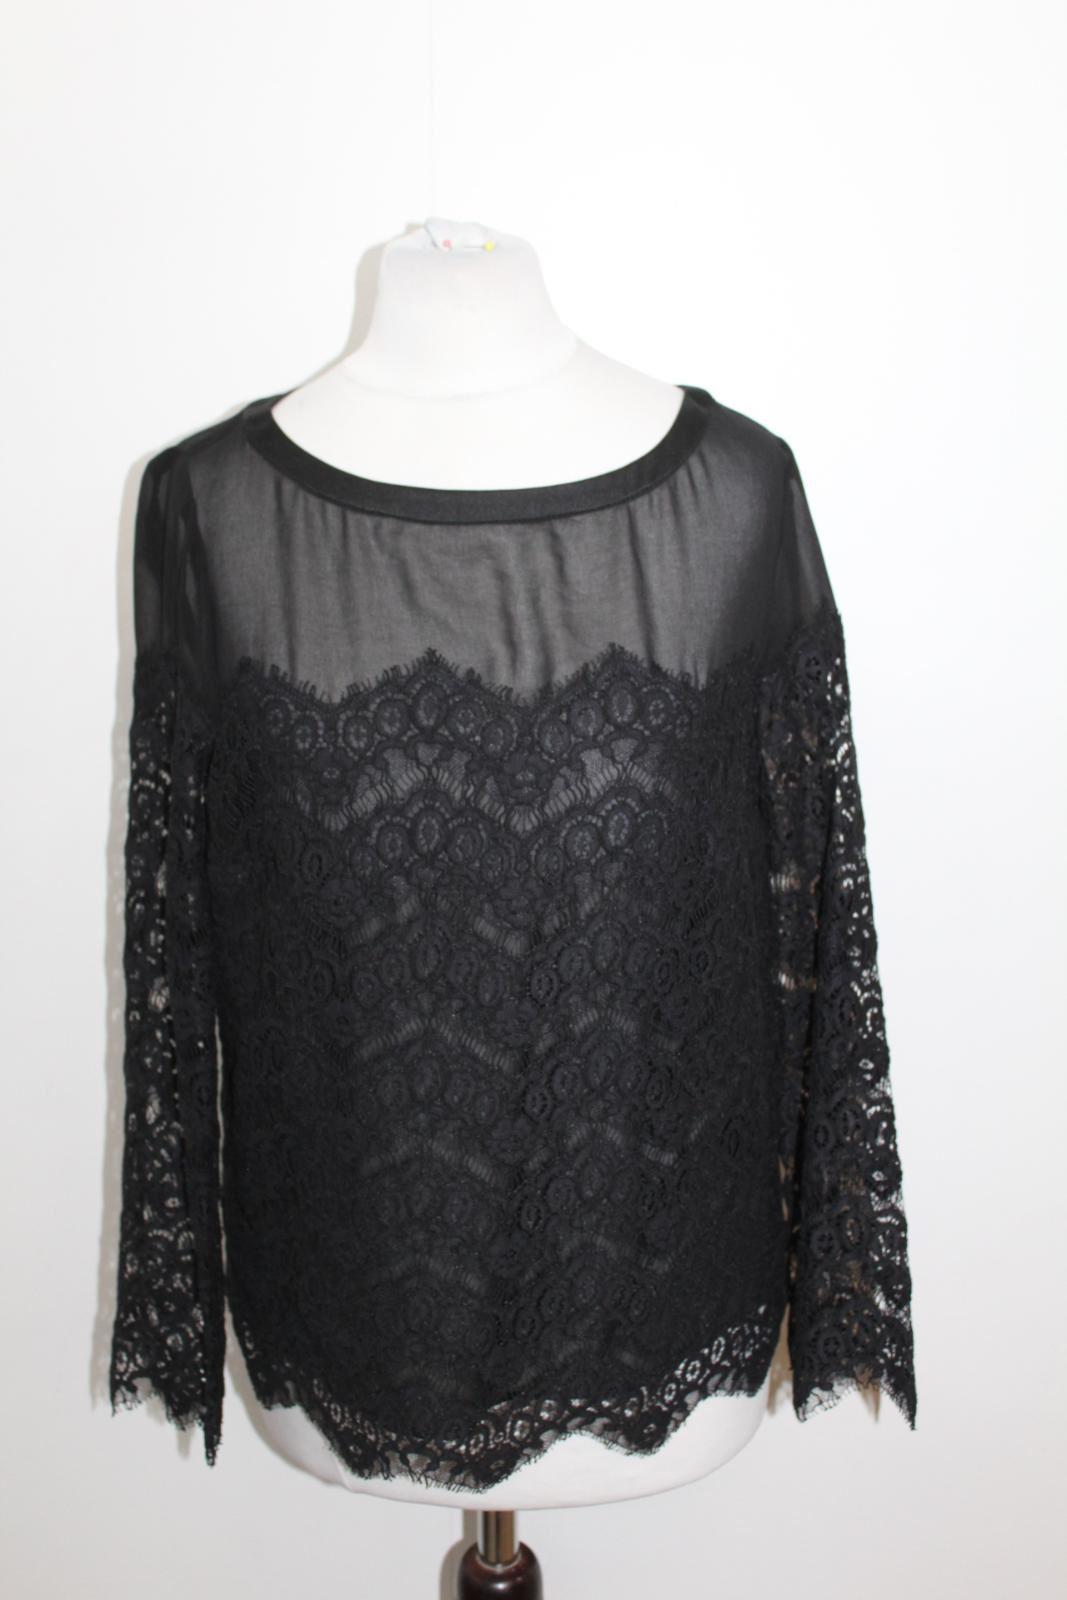 CLAUDIE PIERLOT Ladies schwarz Cotton Blend Long Sleeve Lace Blouse EU36 UK8 NWOT